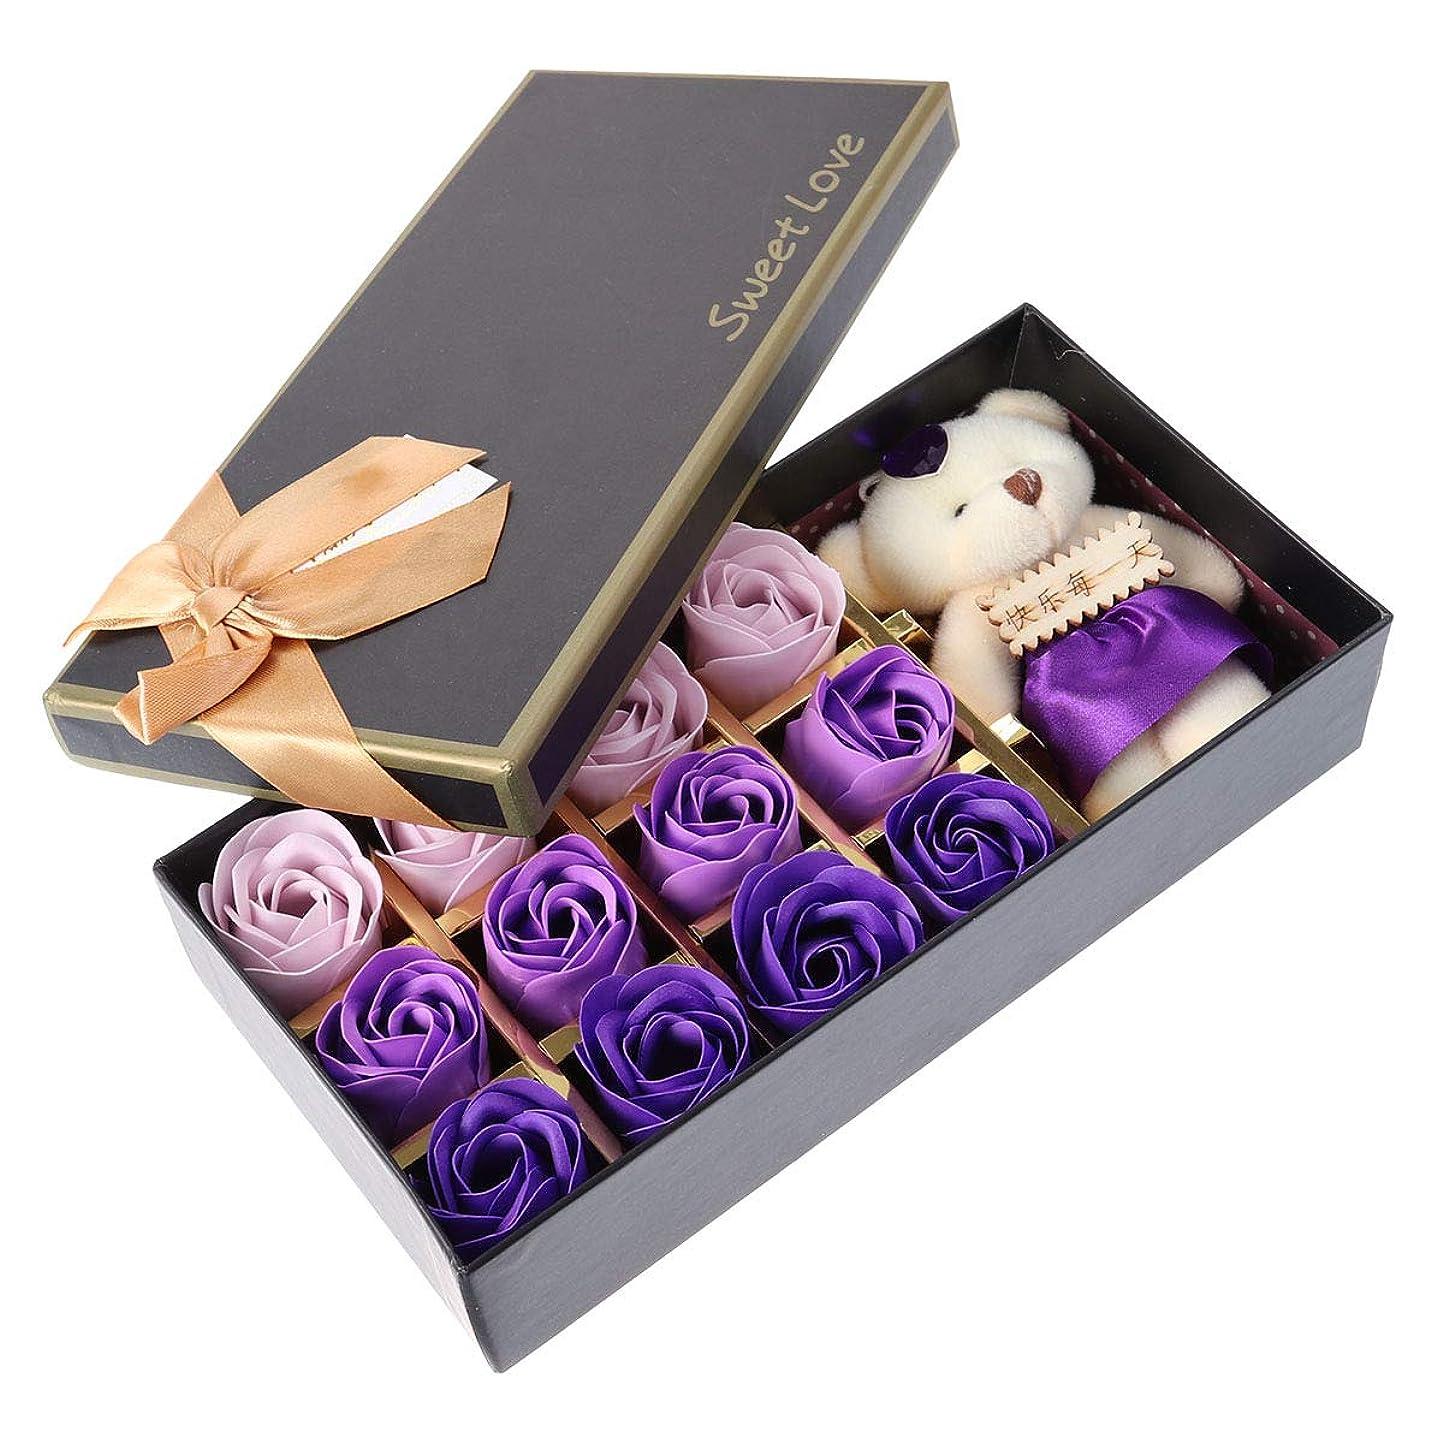 ベーカリー困惑する溶けるBeaupretty バレンタインデーの結婚式の誕生日プレゼントのための小さなクマとバラの石鹸の花